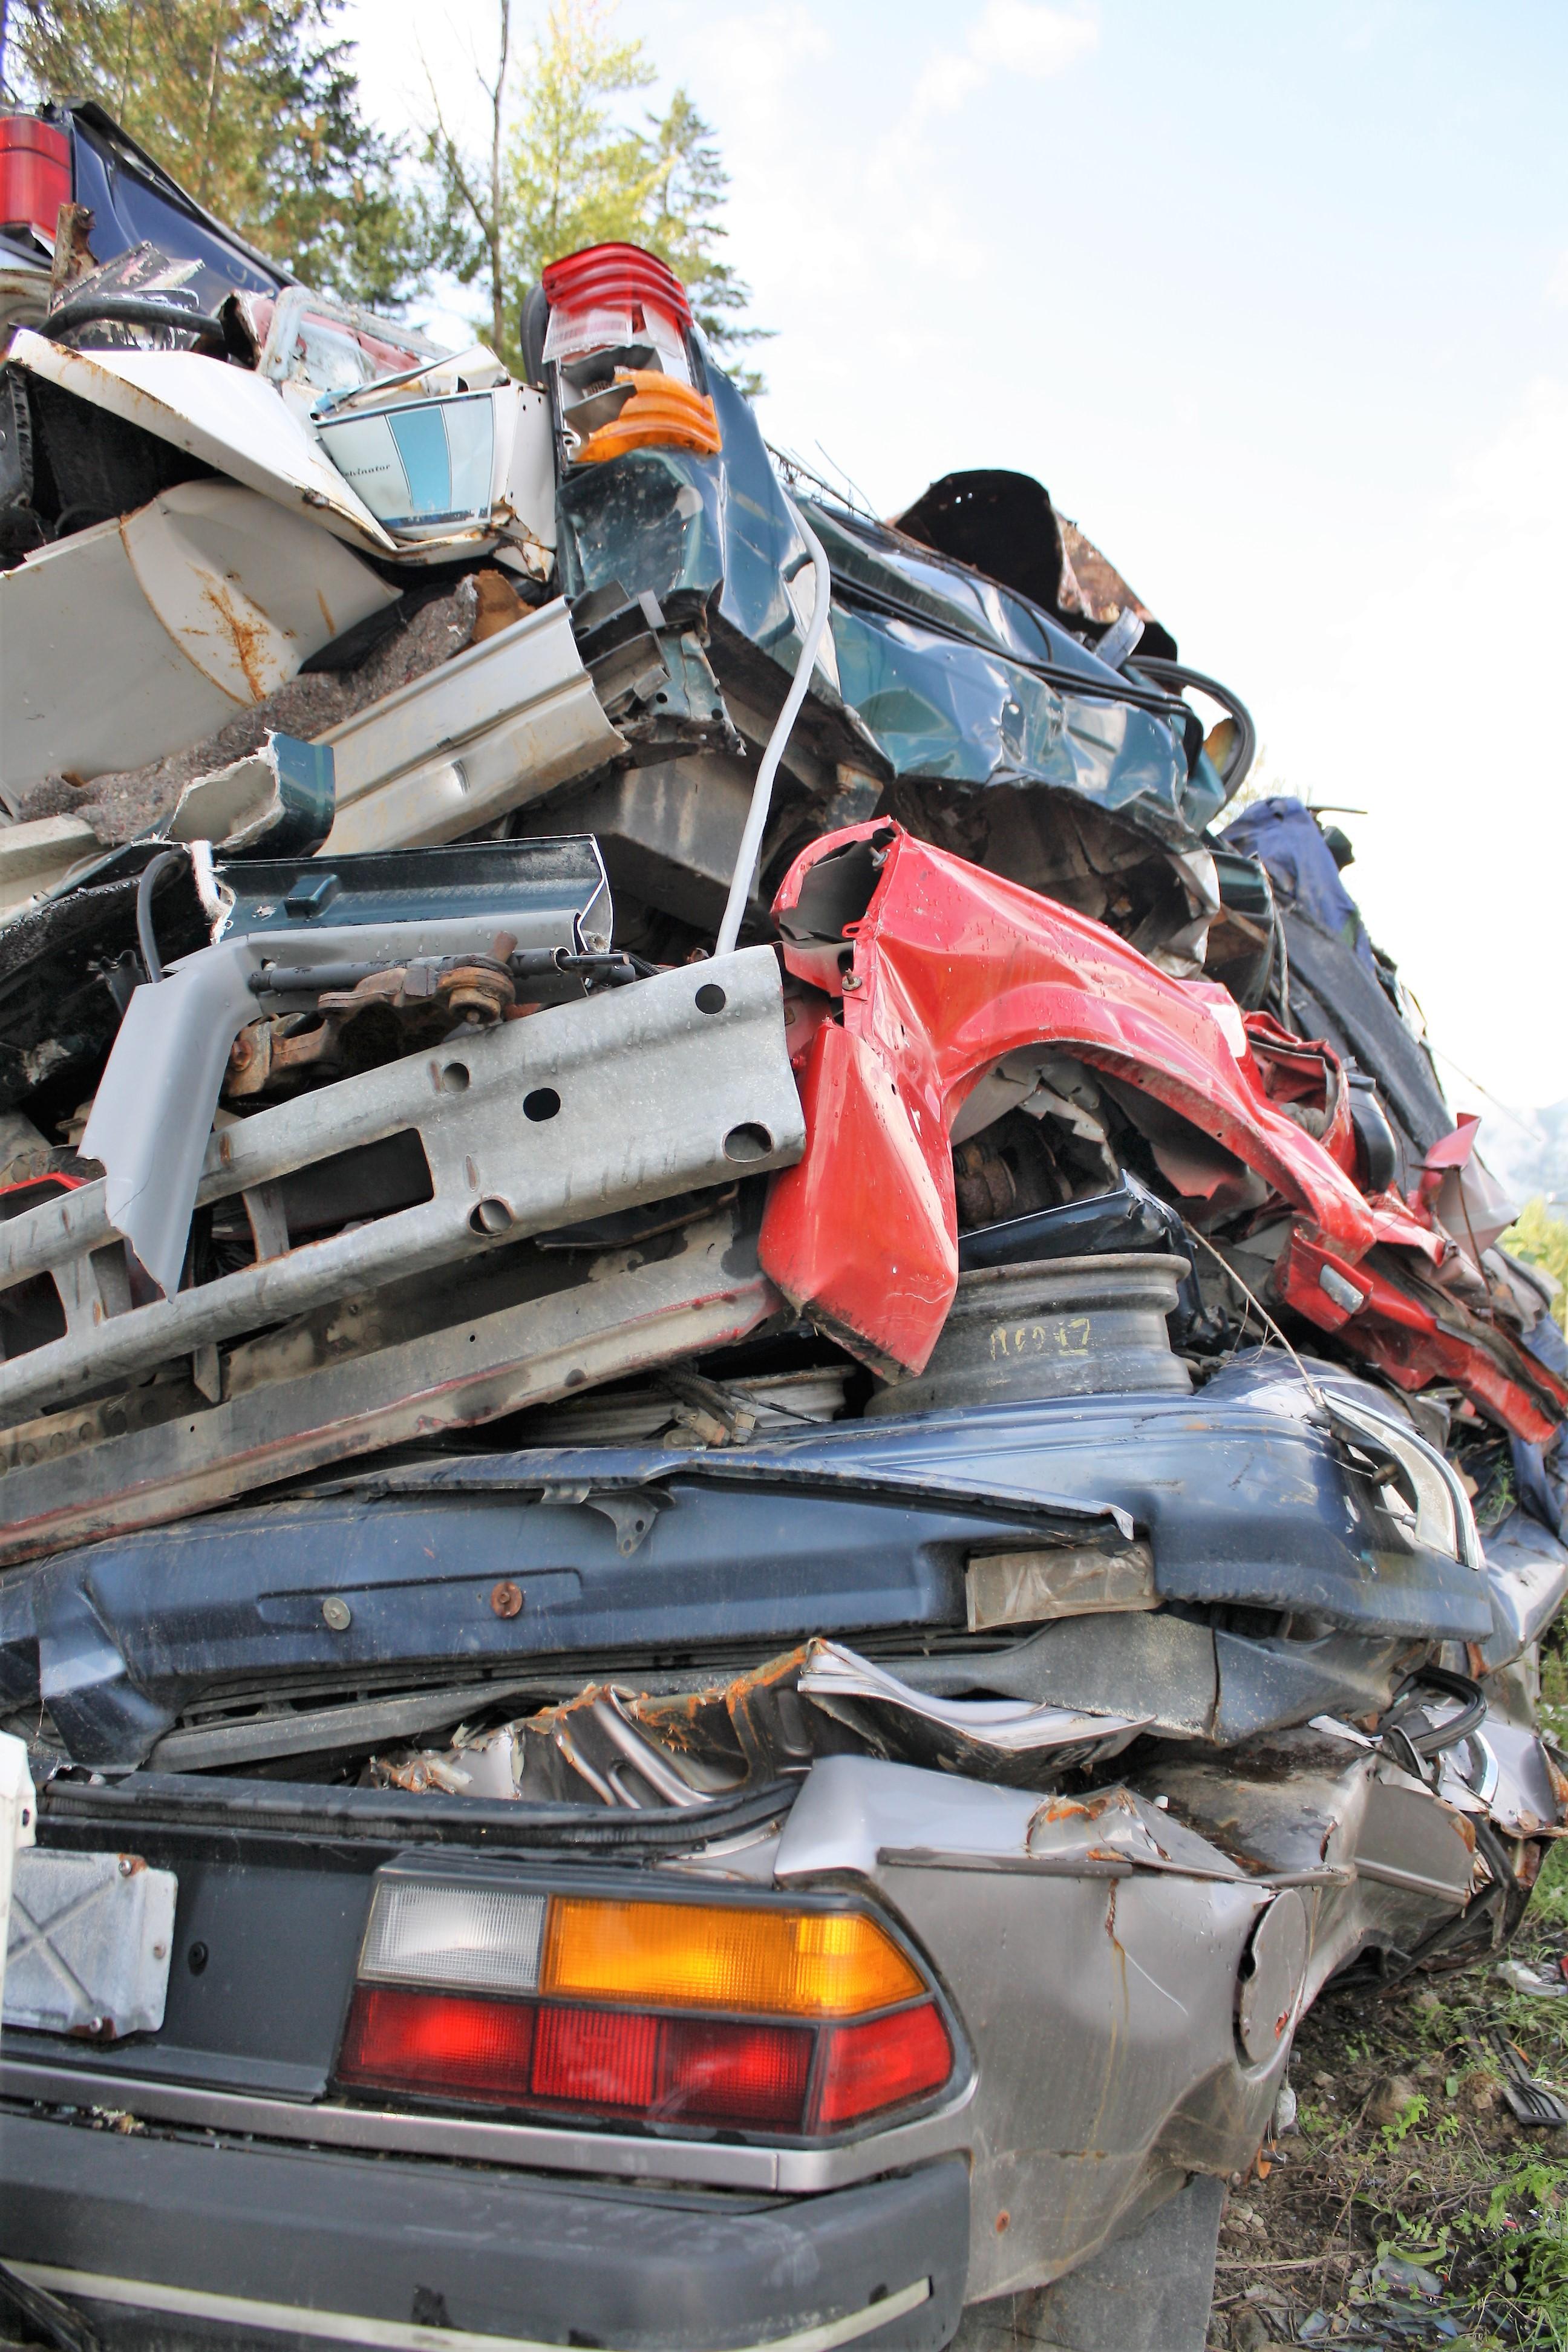 DM_vehicles_carwreckin_7528